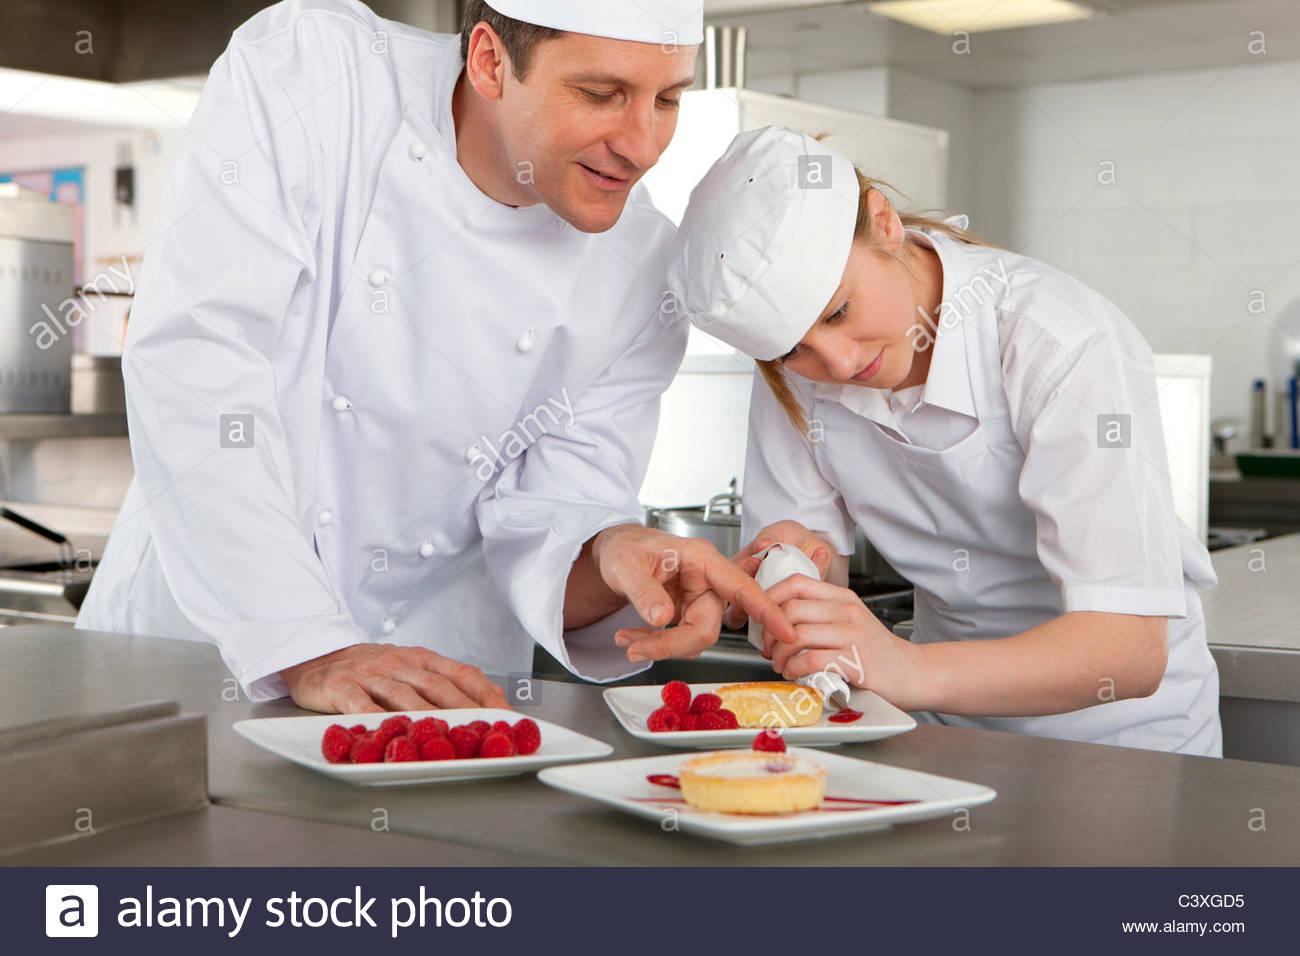 Koch In Der Küche | Koch Azubi Beizubringen Gourmet Dessert In Grosskuche Garnieren